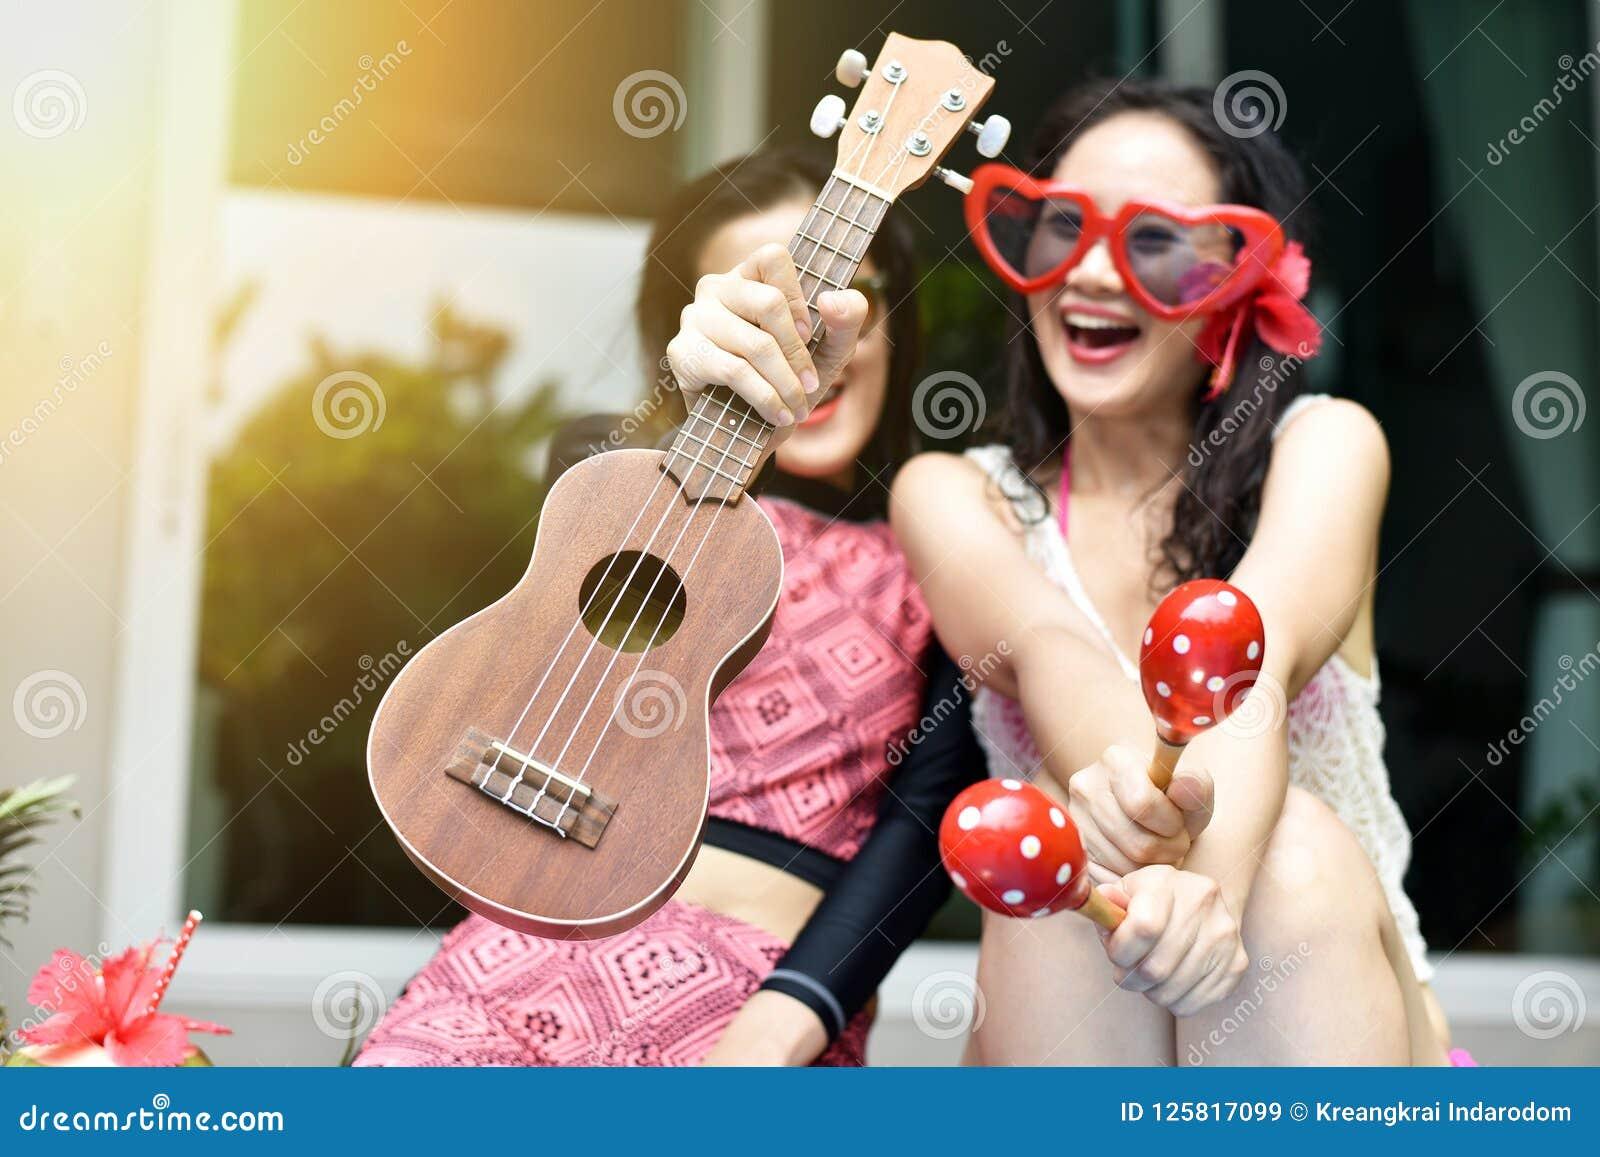 Pölpartiet, lyckliga kvinnor tycker om att spela musikinstrumentet, genom simbassängen, flickvänner i bikinileende och att skratt